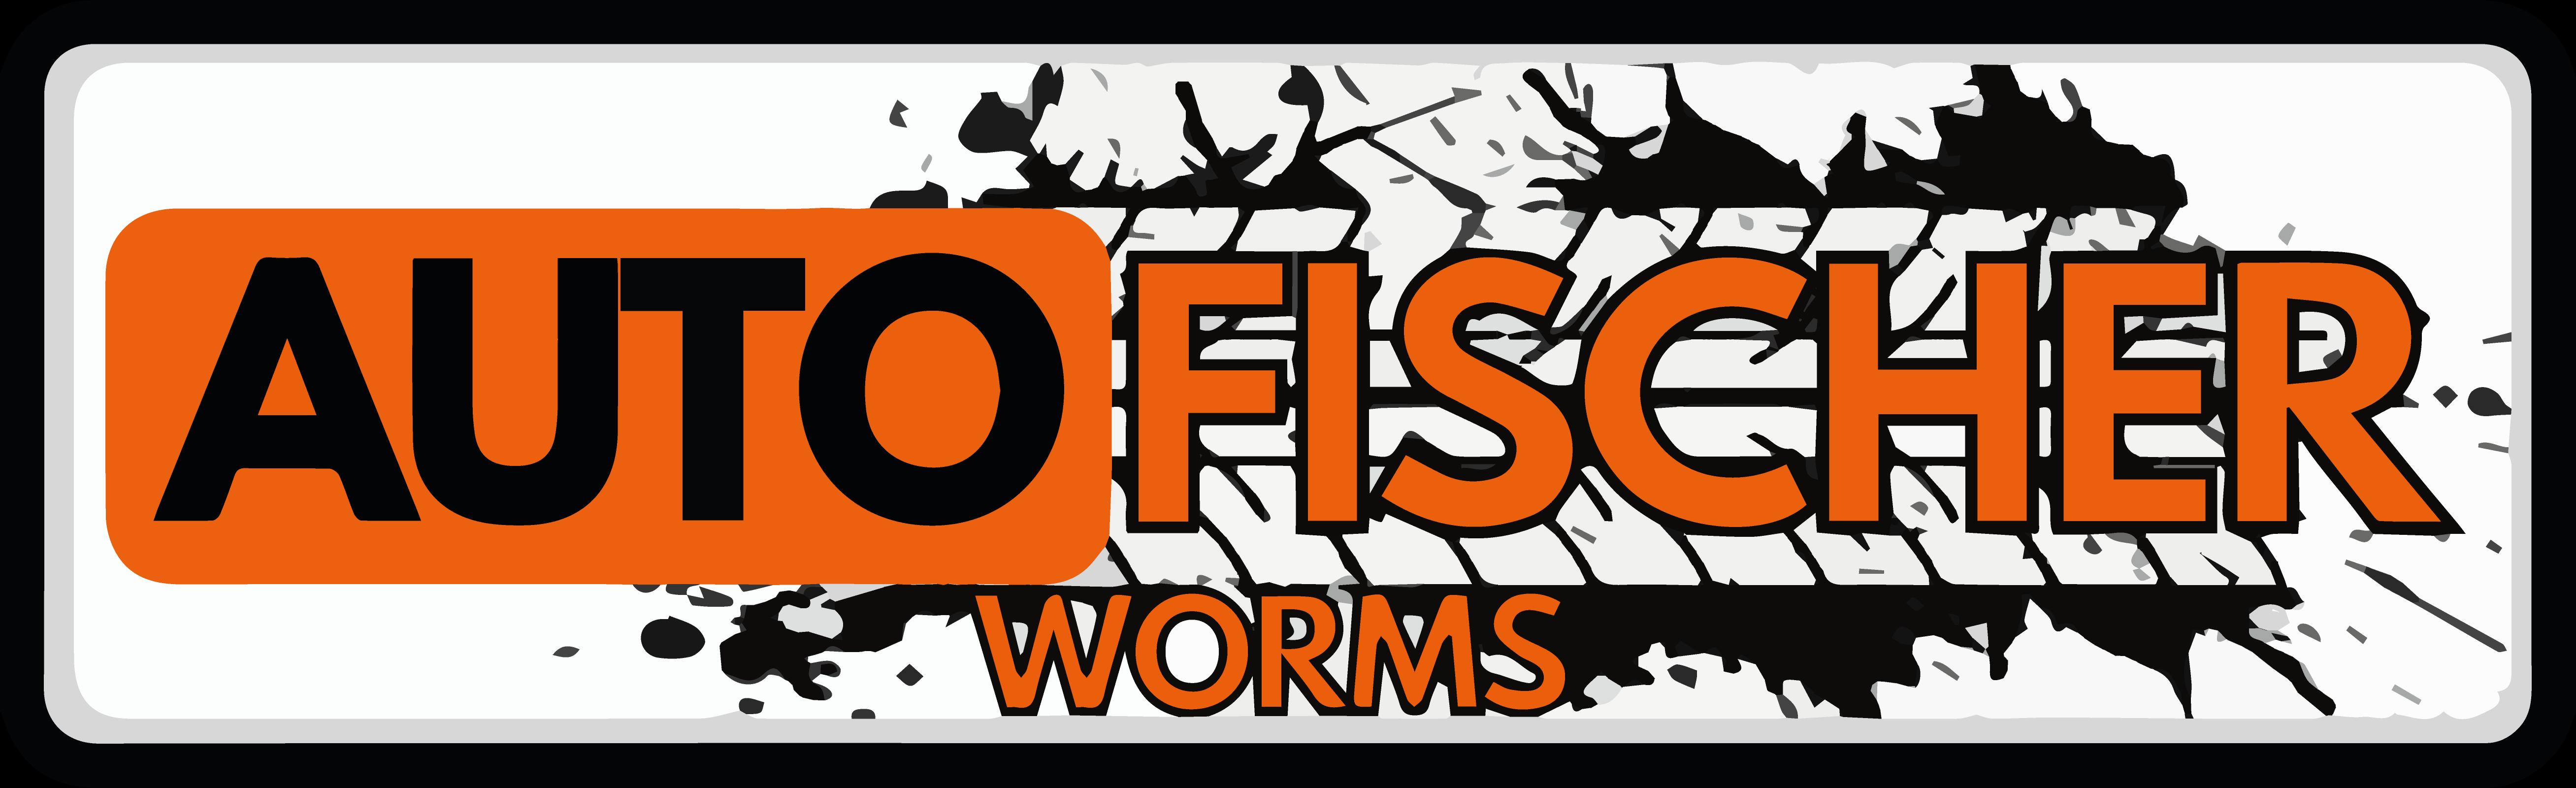 Auto Fischer Worms